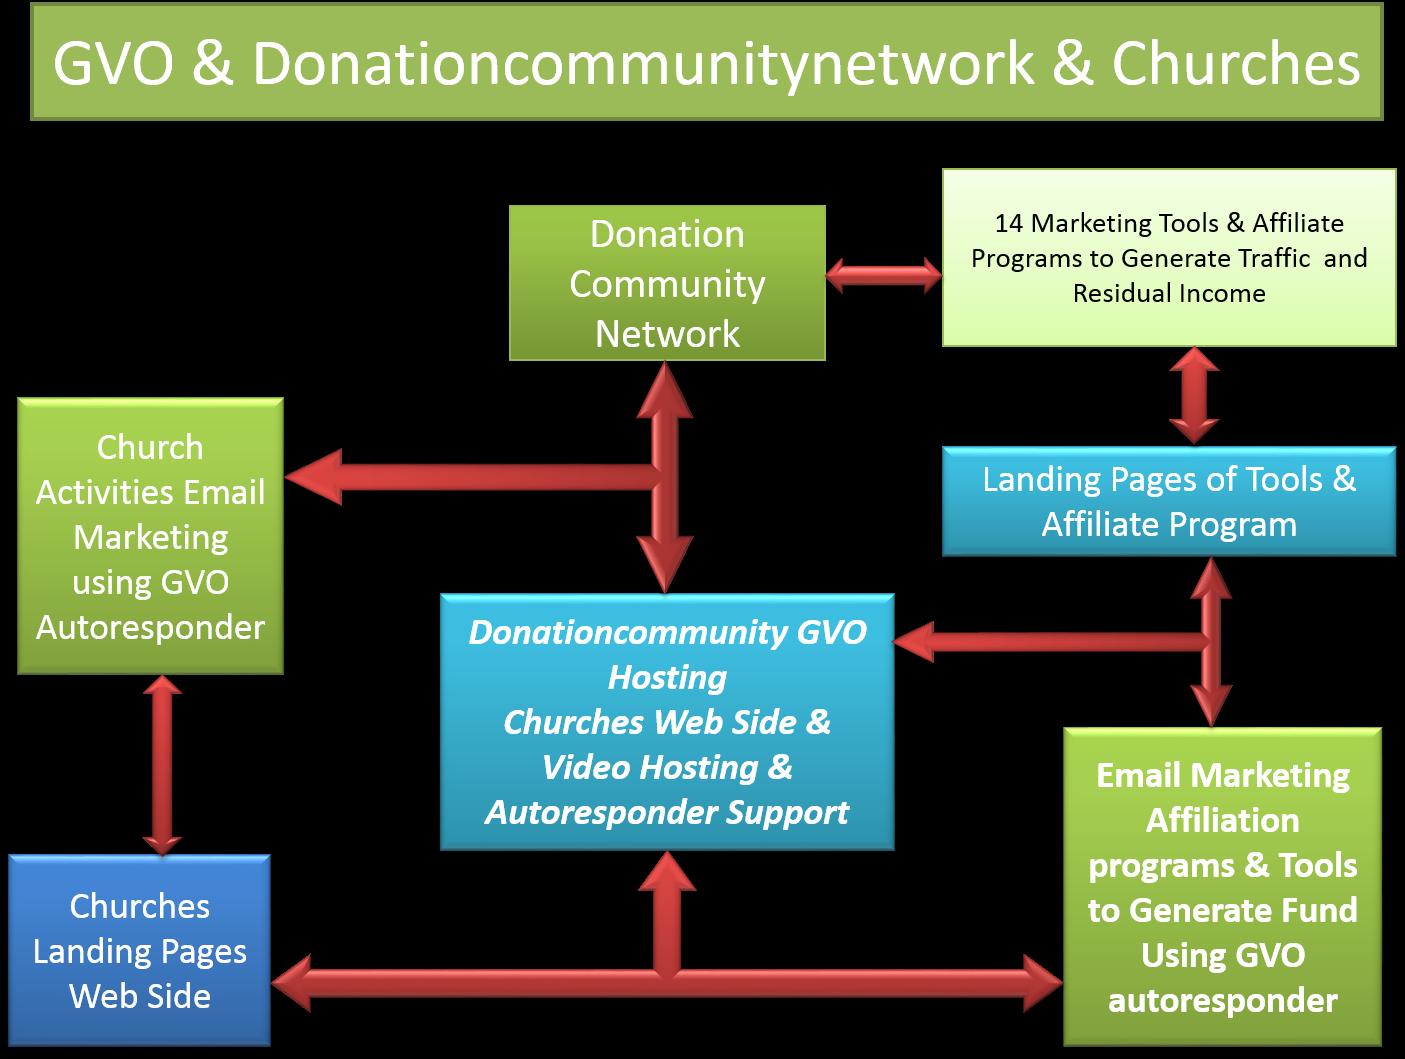 Las iglesias podrian aplicar esta estrategia para buscar fondos para cubrir sus necesidades y ampliar la evangelizacion con el uso de las herramientas de Marketing que ofrece GVO y nuestro proyecto